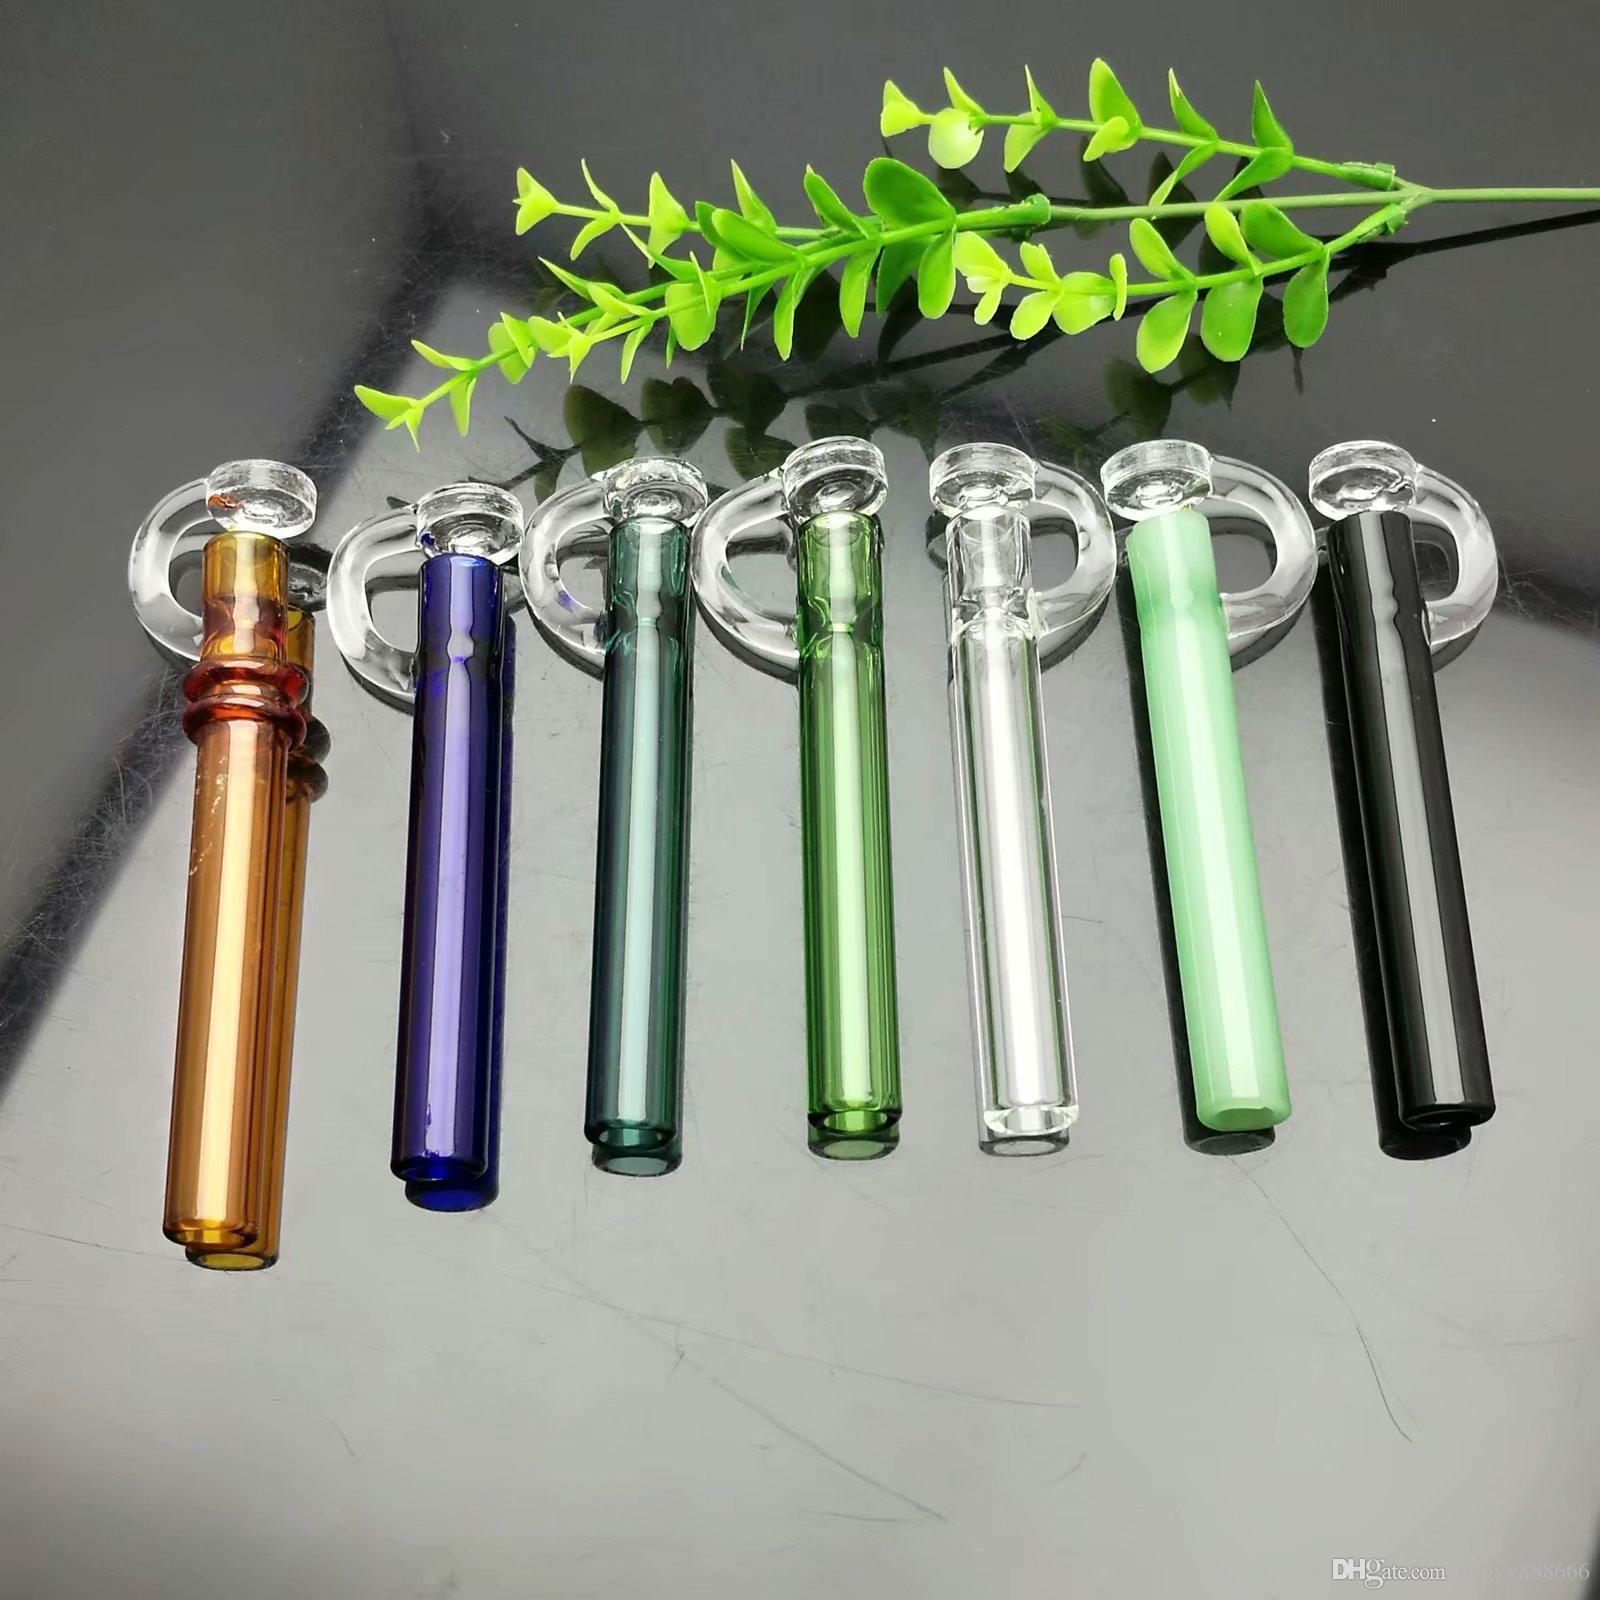 Pipa Colorata con olio di copertura Grande Pyrex Glass Oil Burner tubo Spesso rigs pipa ad acqua in vetro